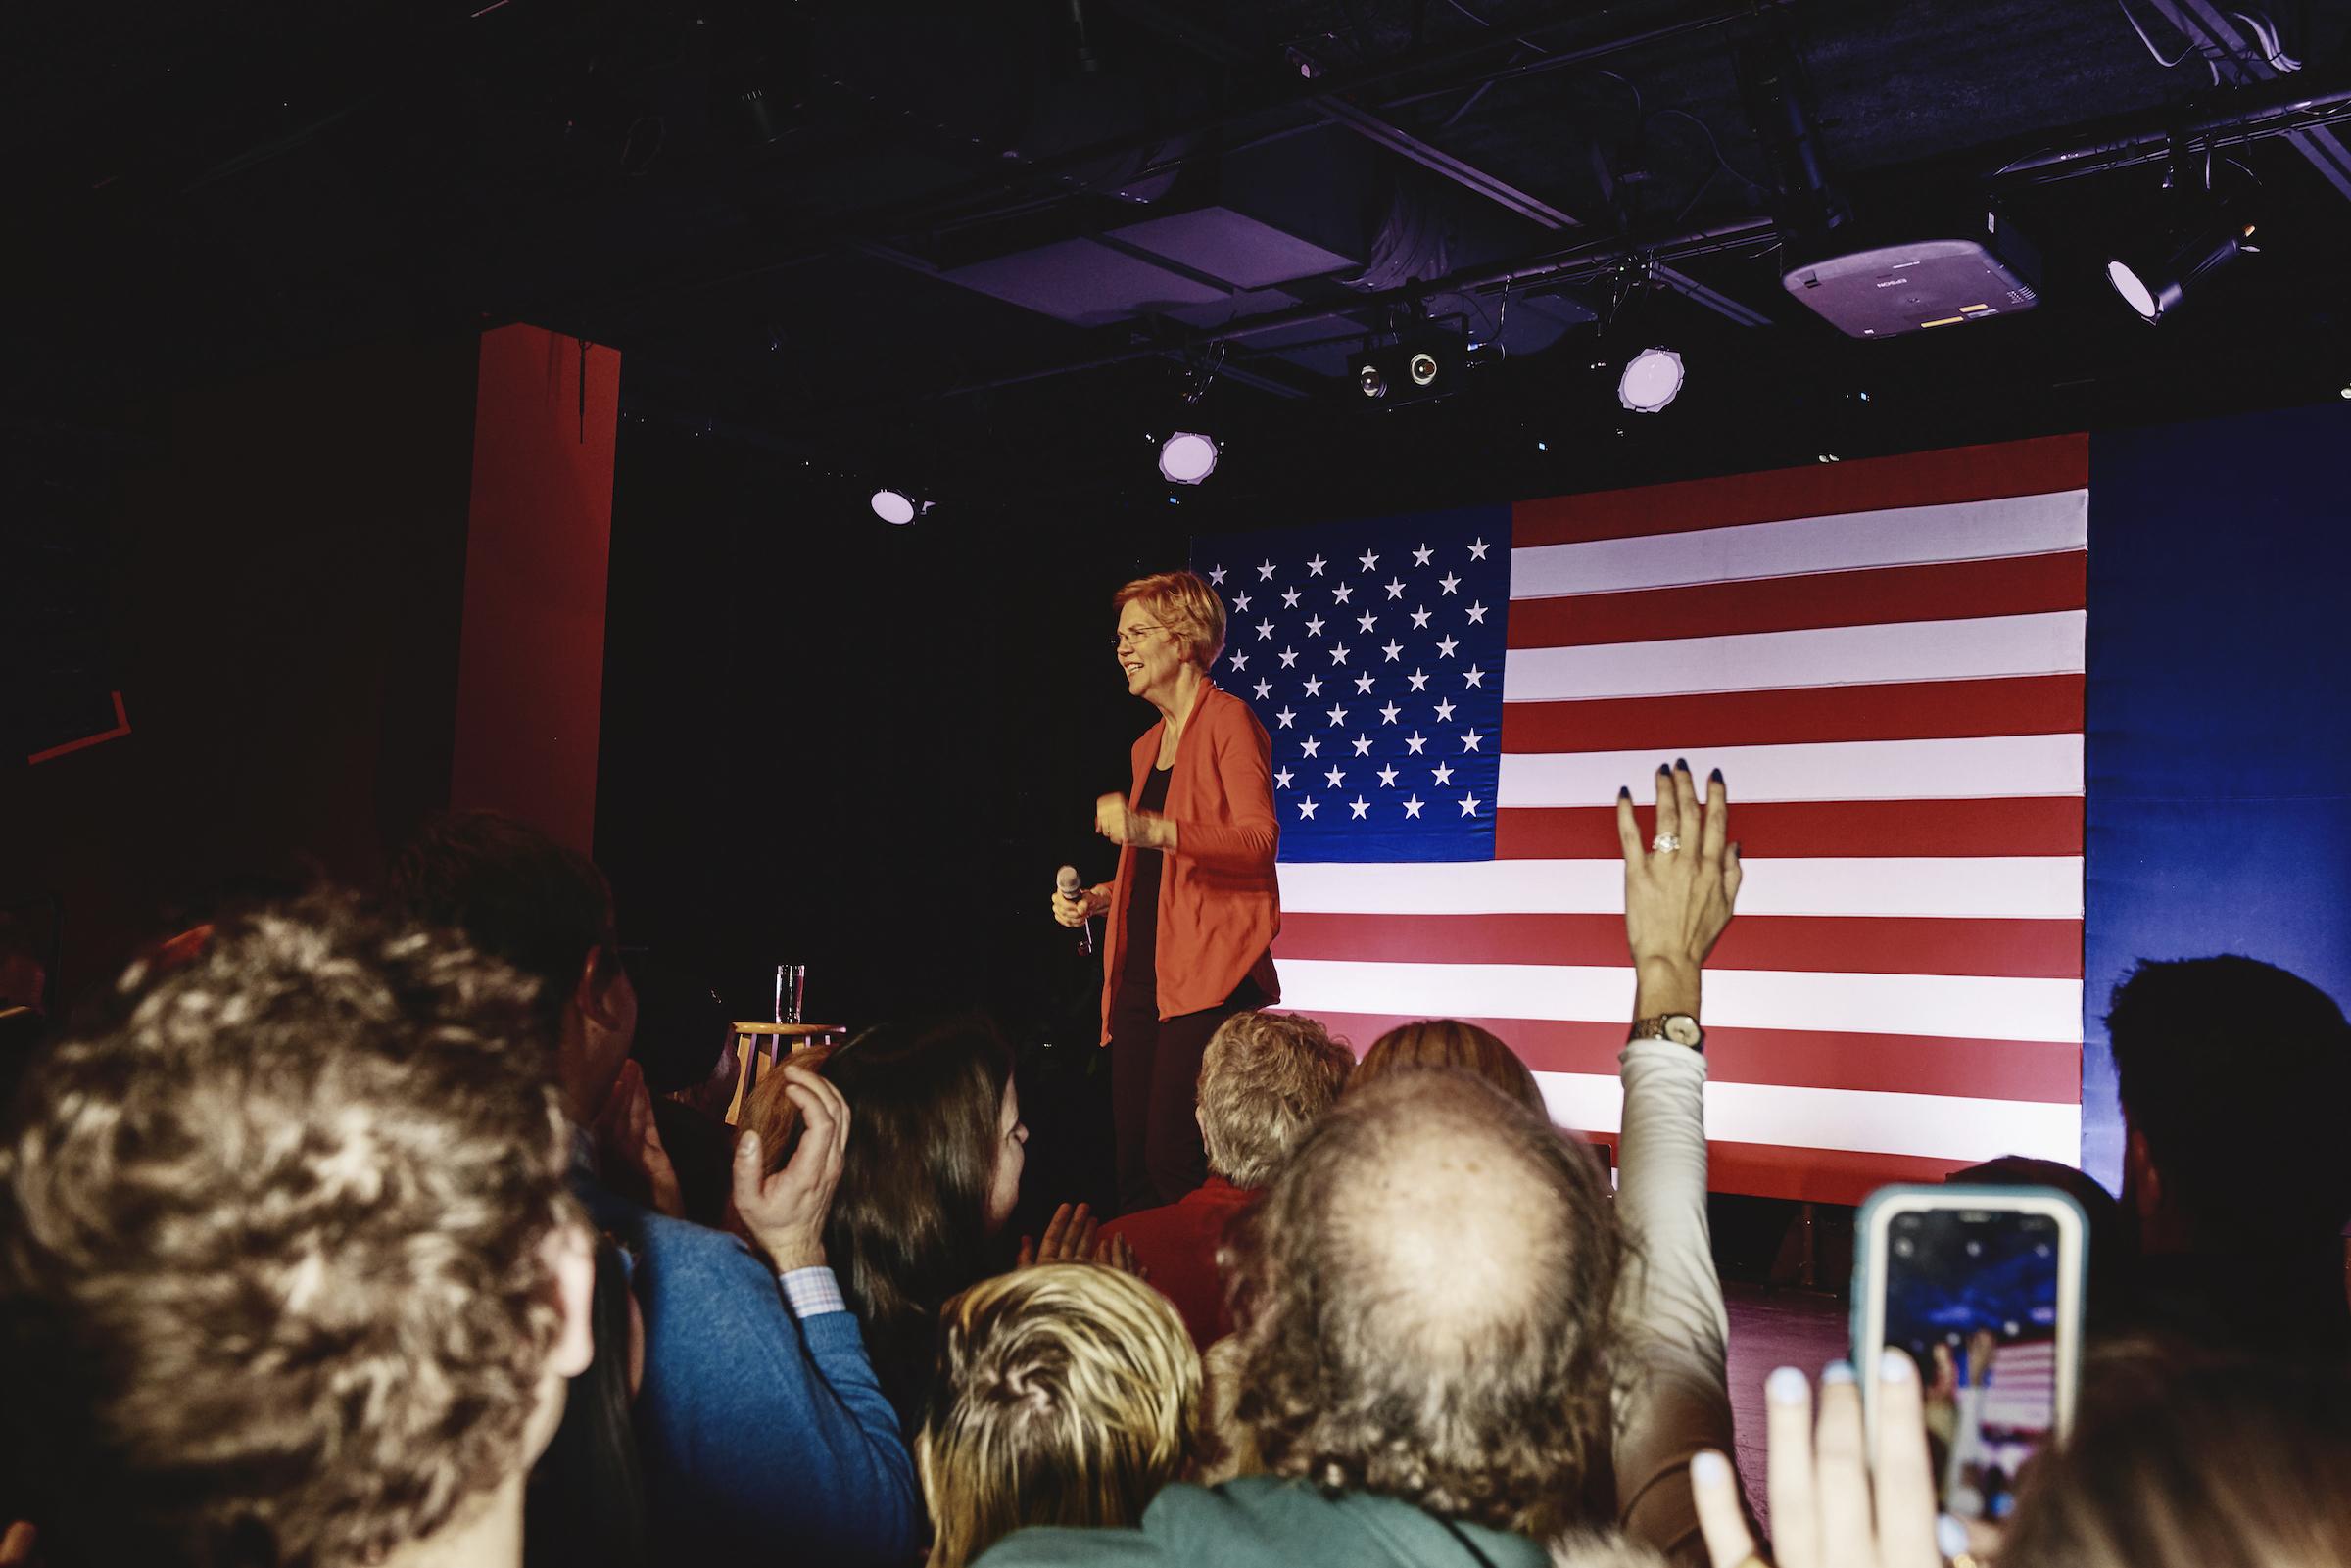 Elizabeth Warren speaks at her Derry GOTV Event in Derry, N.H. on Feb. 6, 2020.